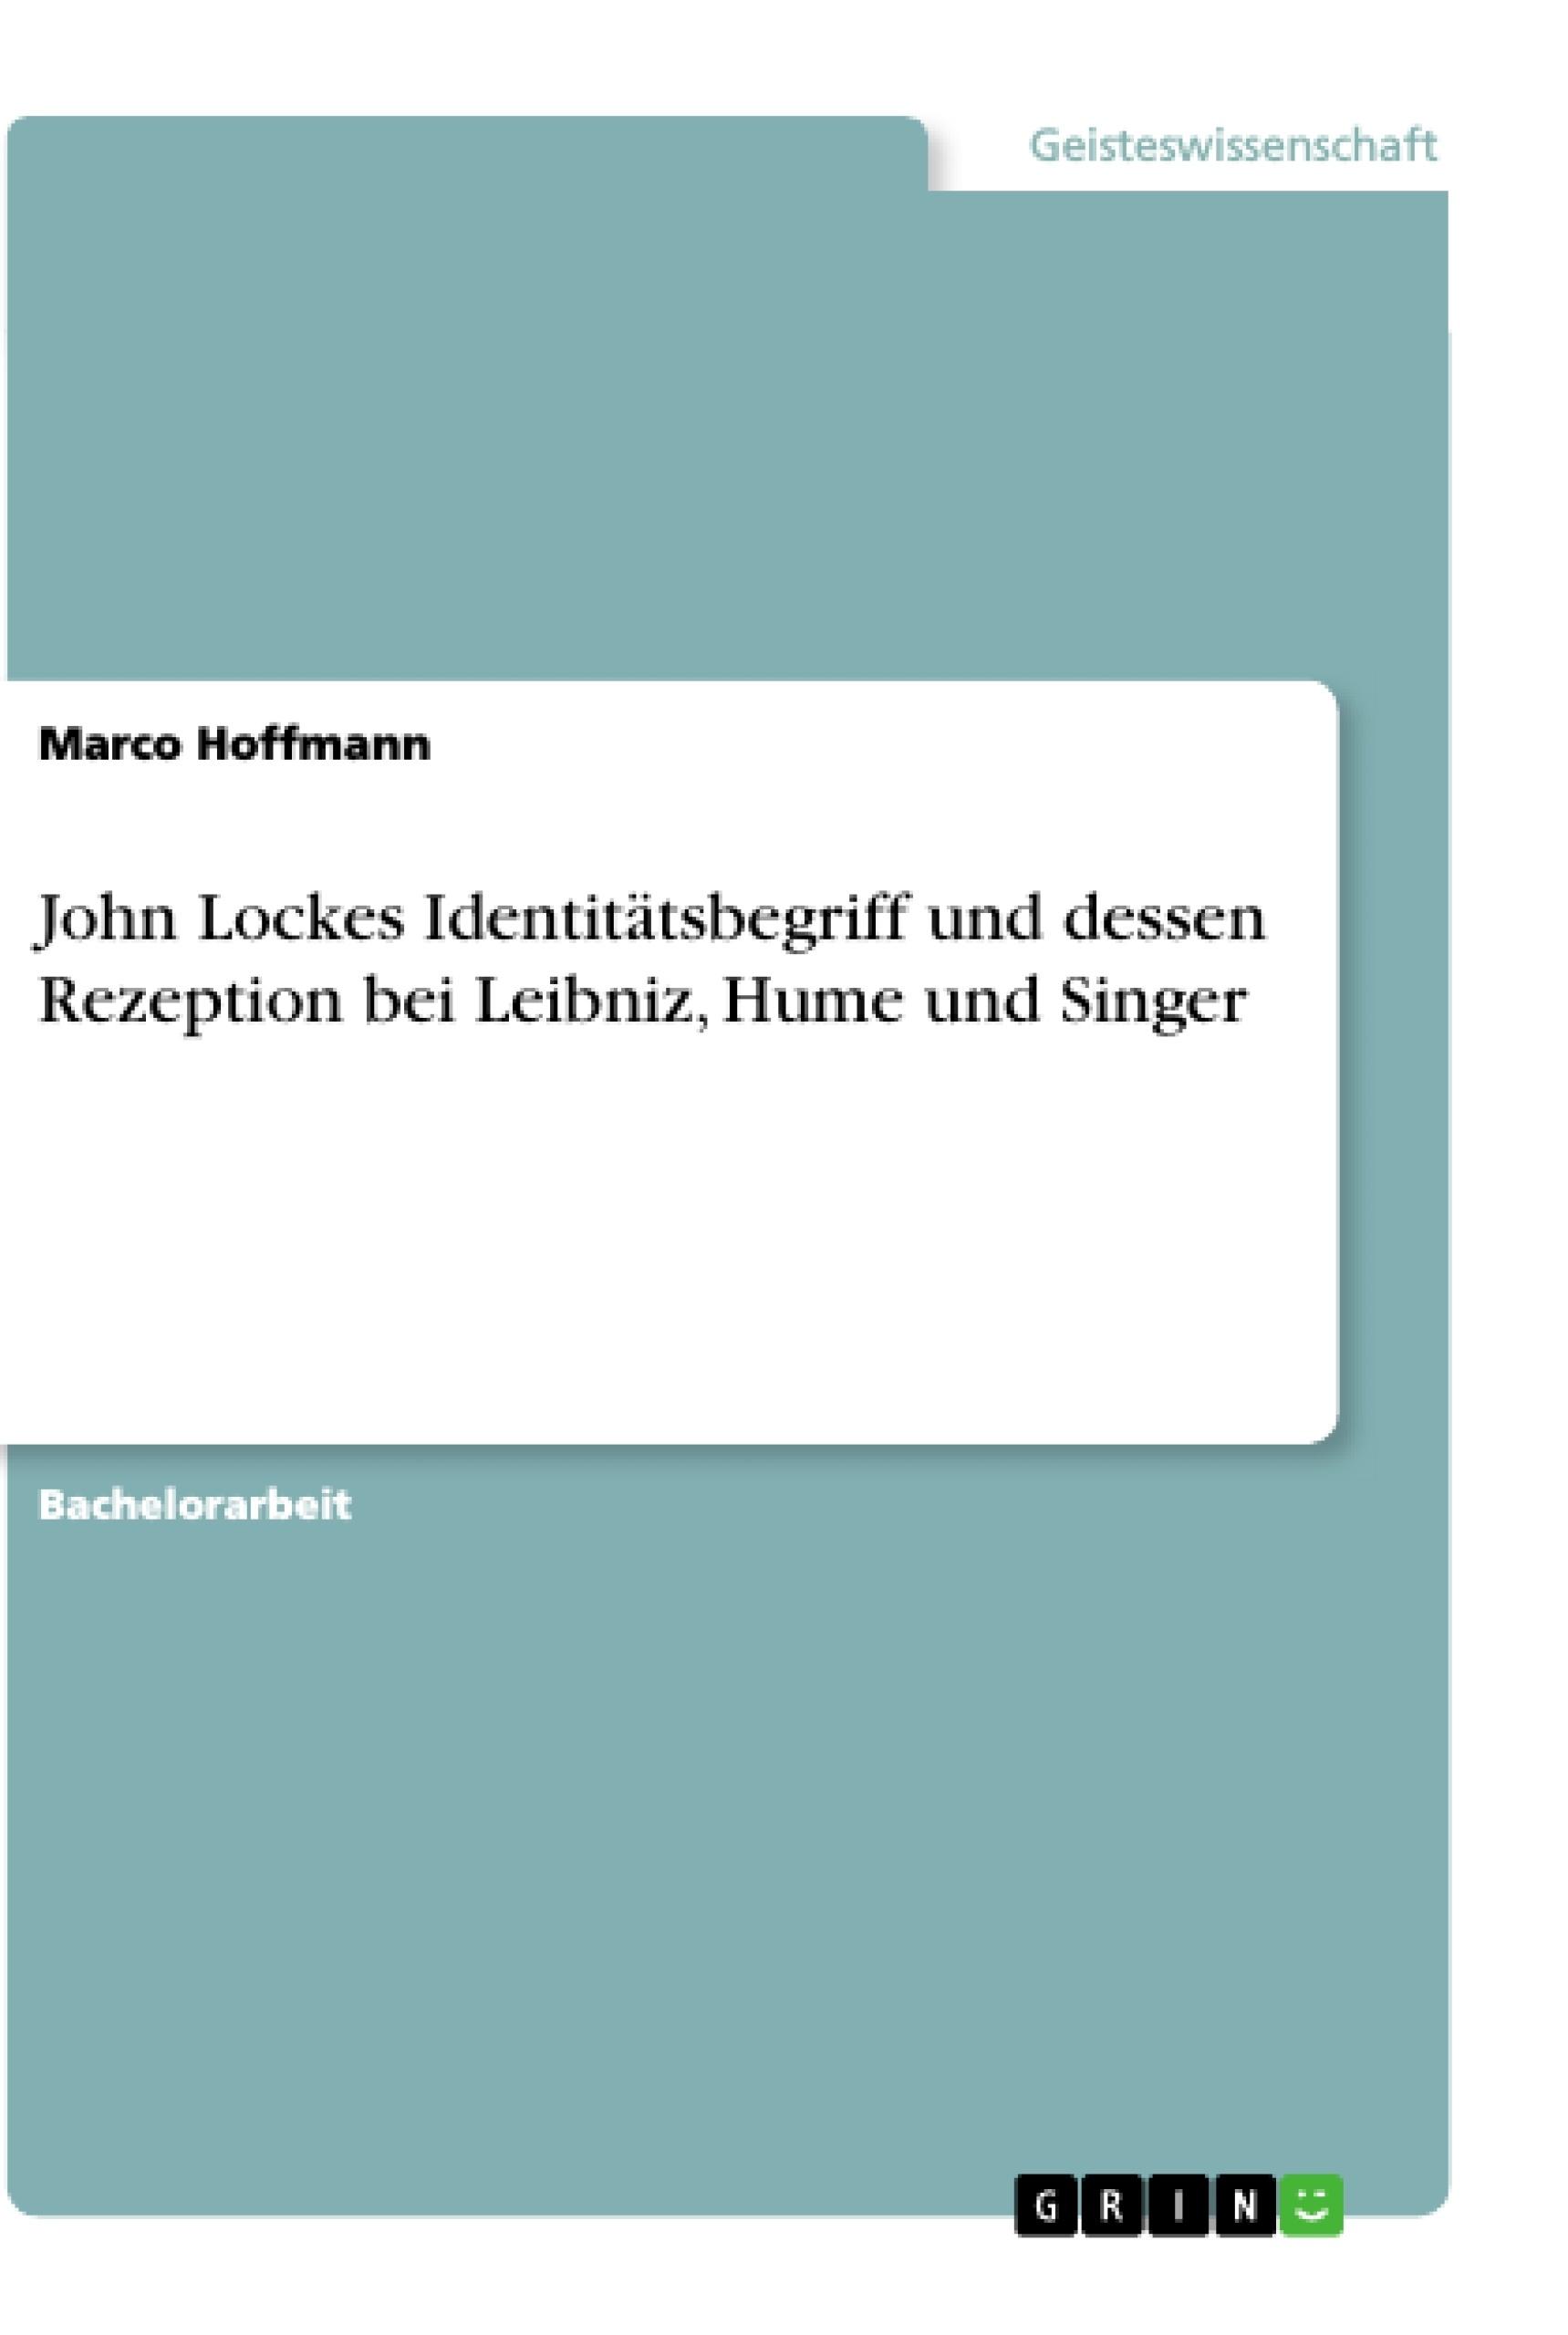 Titel: John Lockes Identitätsbegriff und dessen Rezeption bei Leibniz, Hume und Singer